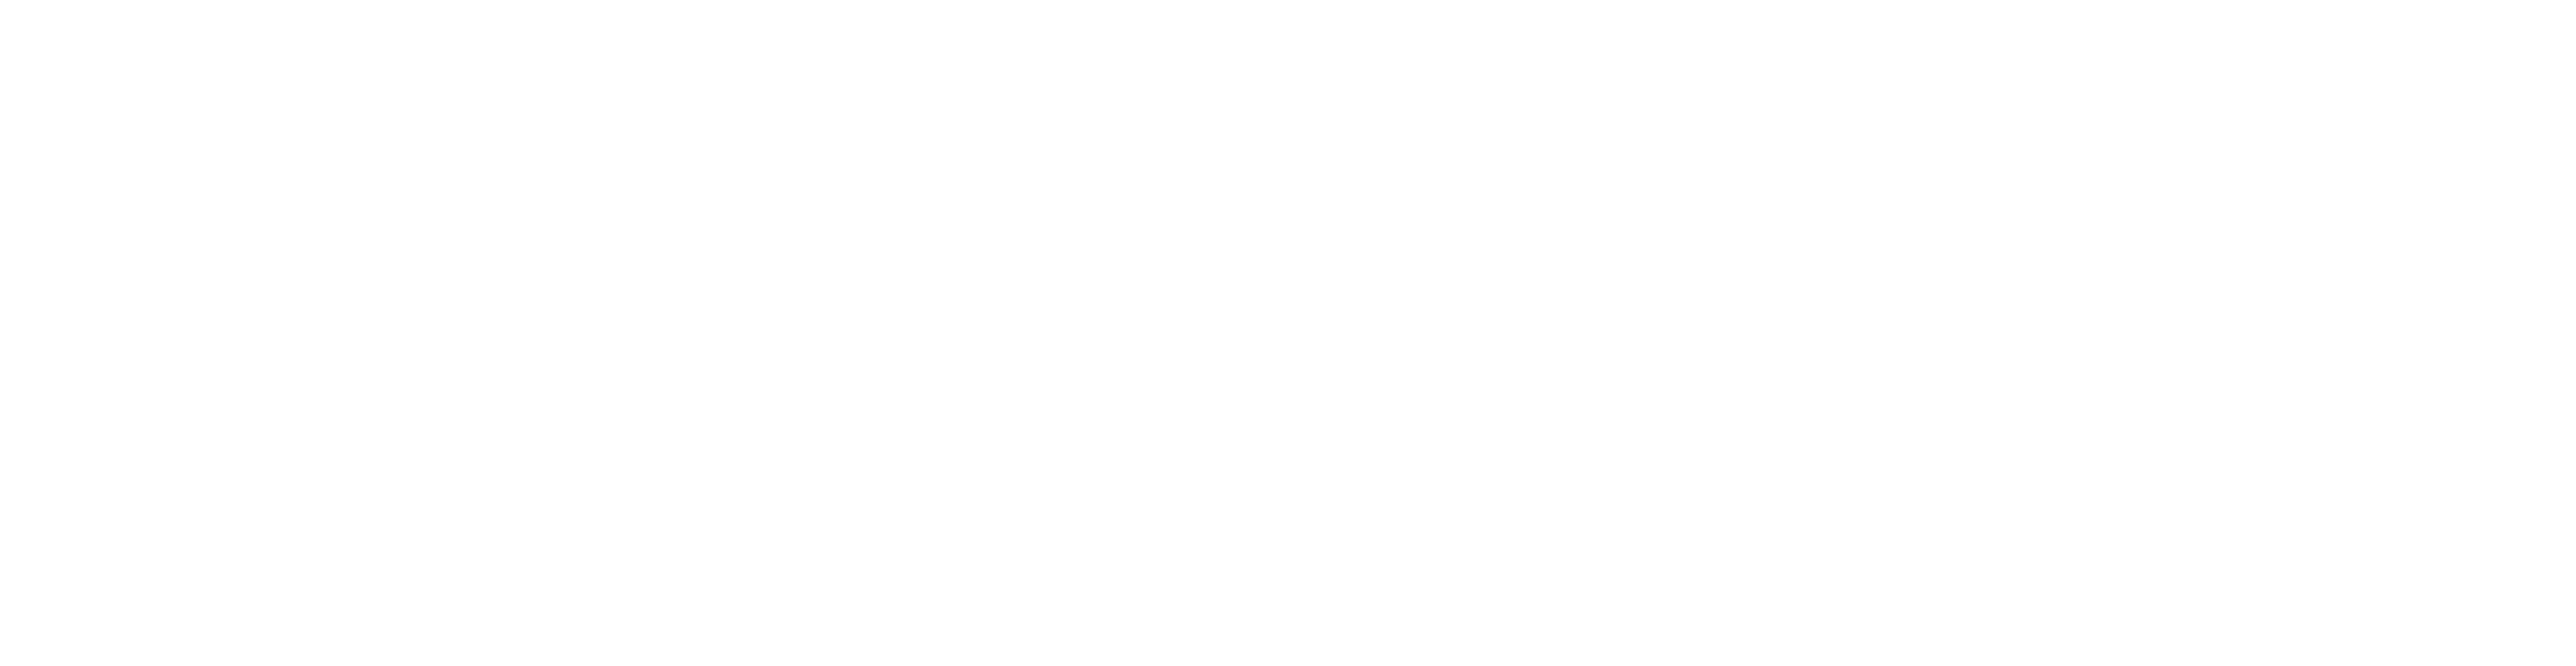 CloudSpot Help Center